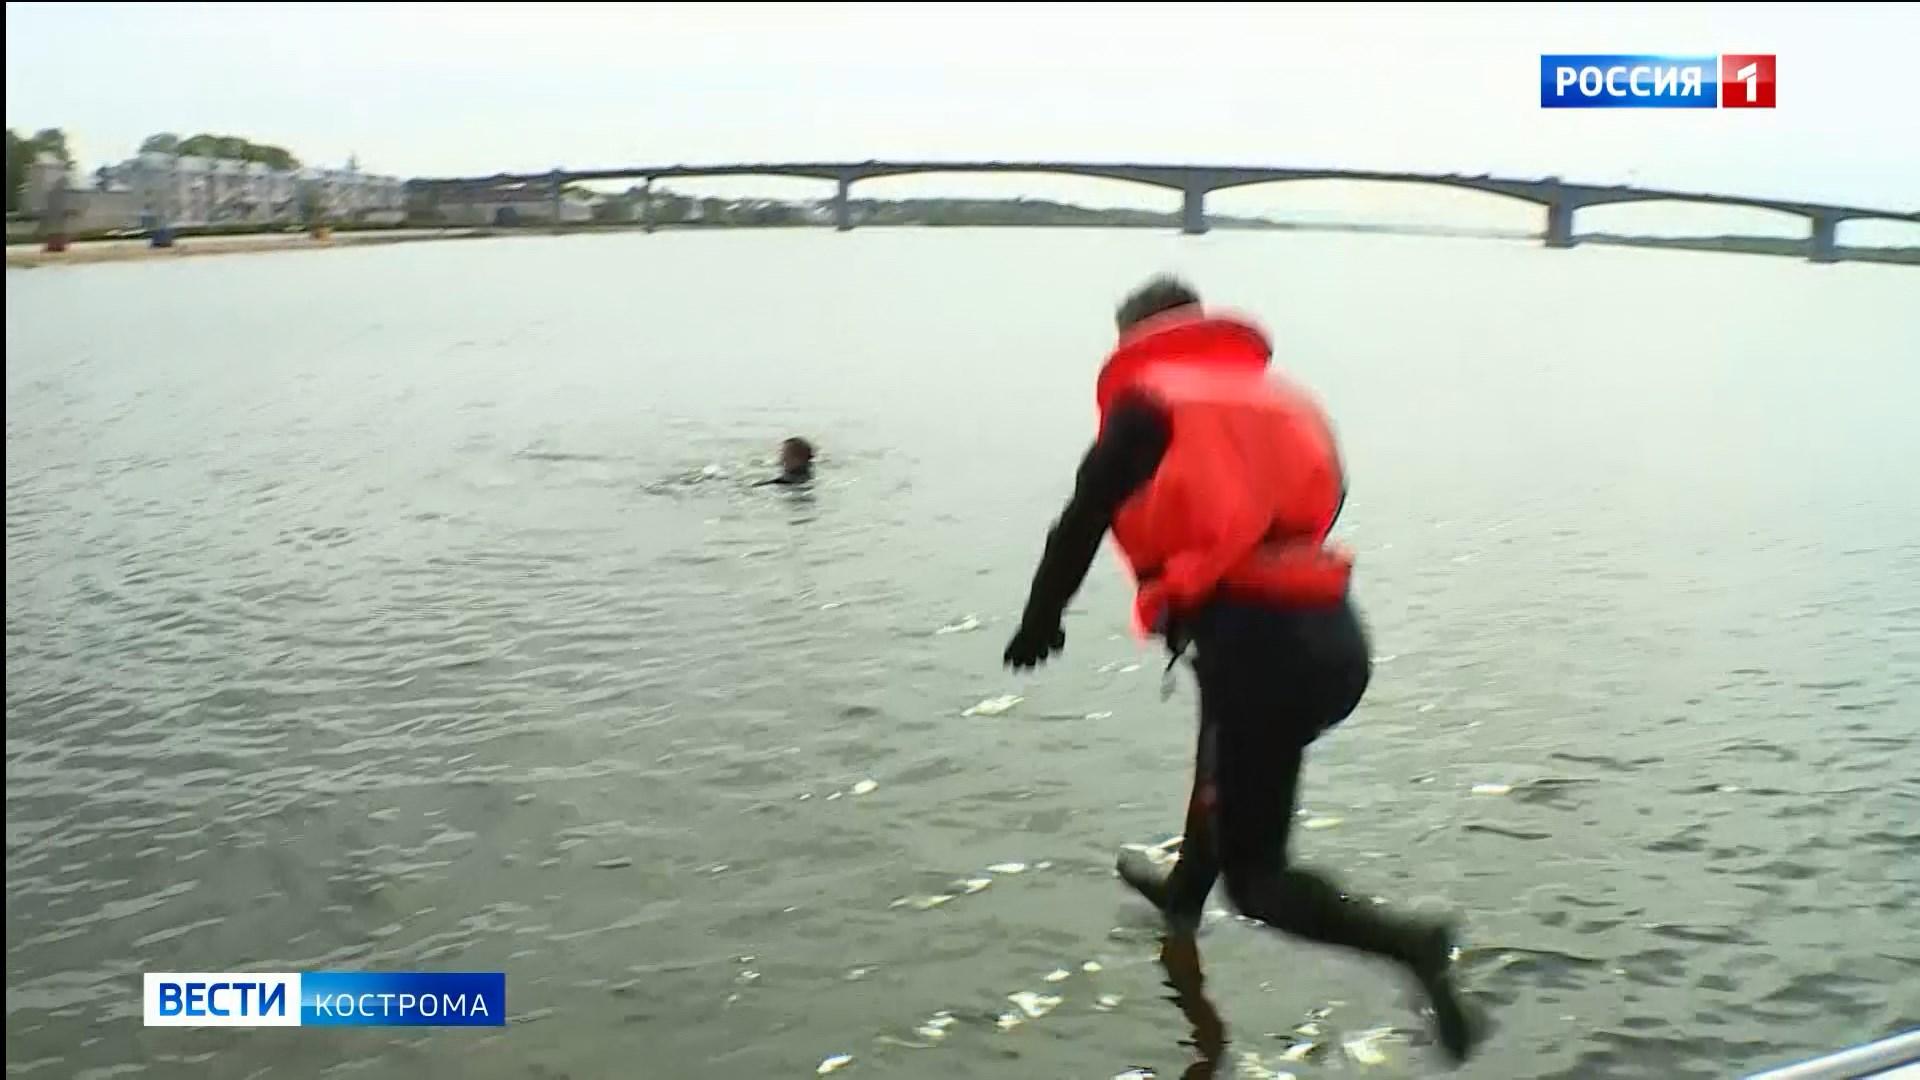 Успеть за шесть минут: сотрудники МЧС в Костроме тренируются спасать утопающих